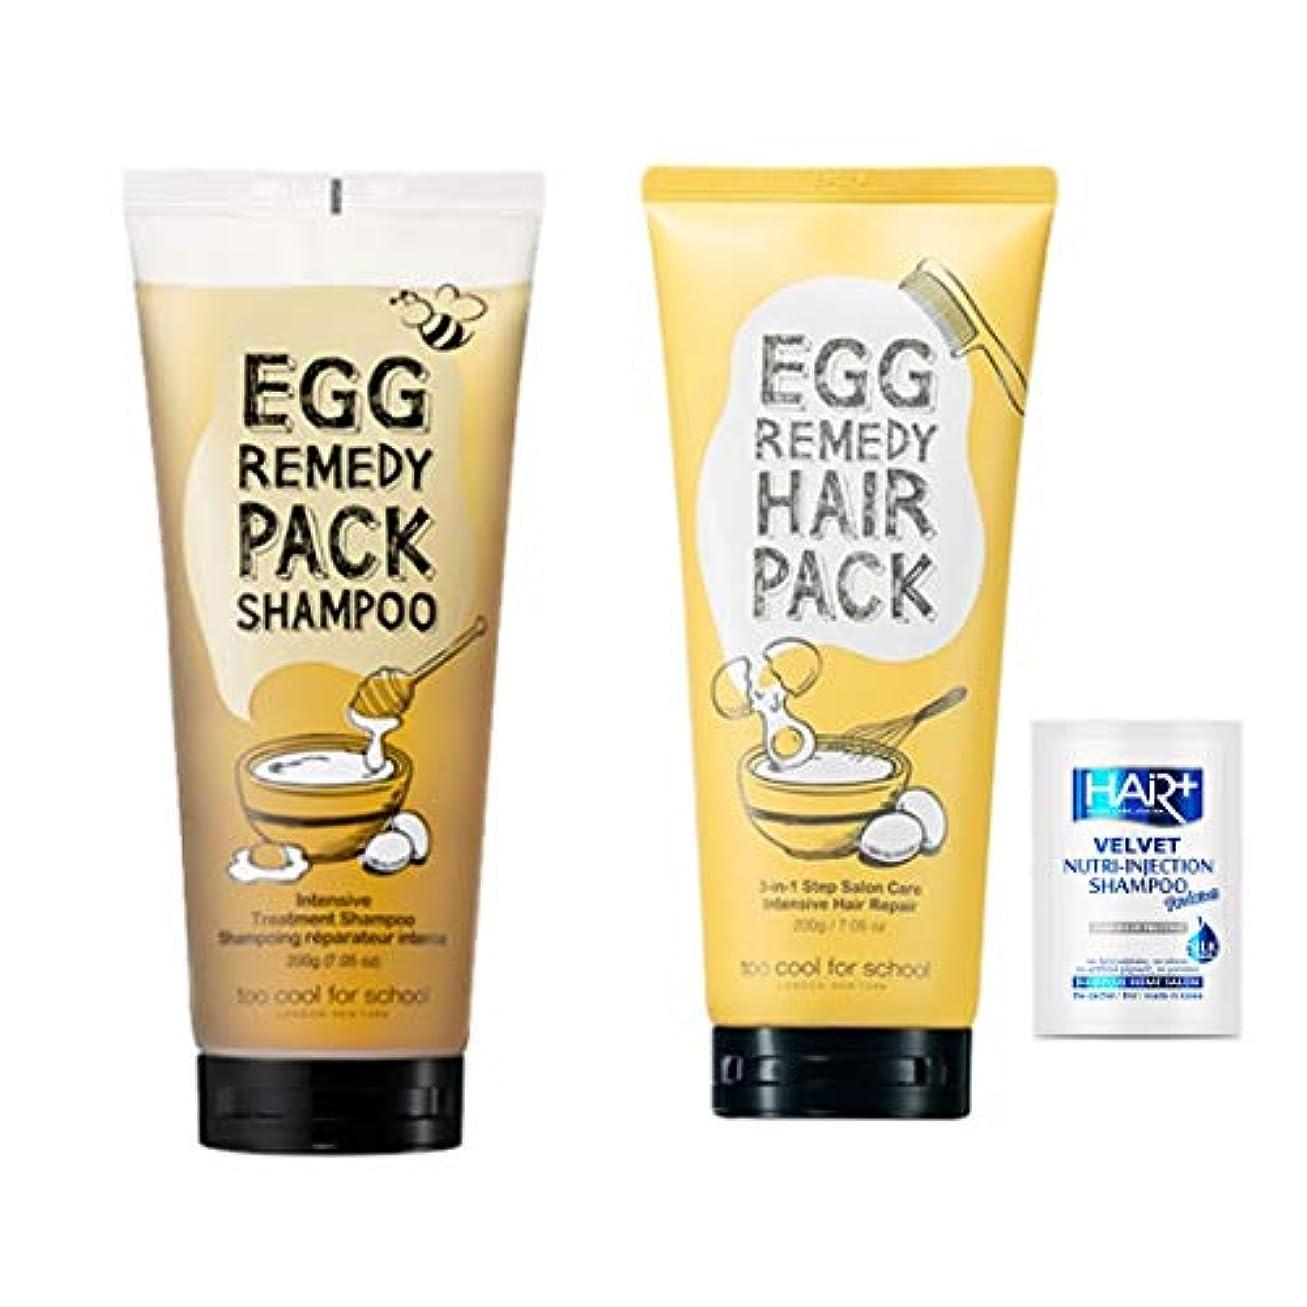 貼り直す意味する乱用トゥークールフォ―スクール(too cool for school)/エッグレミディパックシャンプーtoo cool for school Egg Remedy Pack Shampoo 200ml + エッグレミディヘアパック...